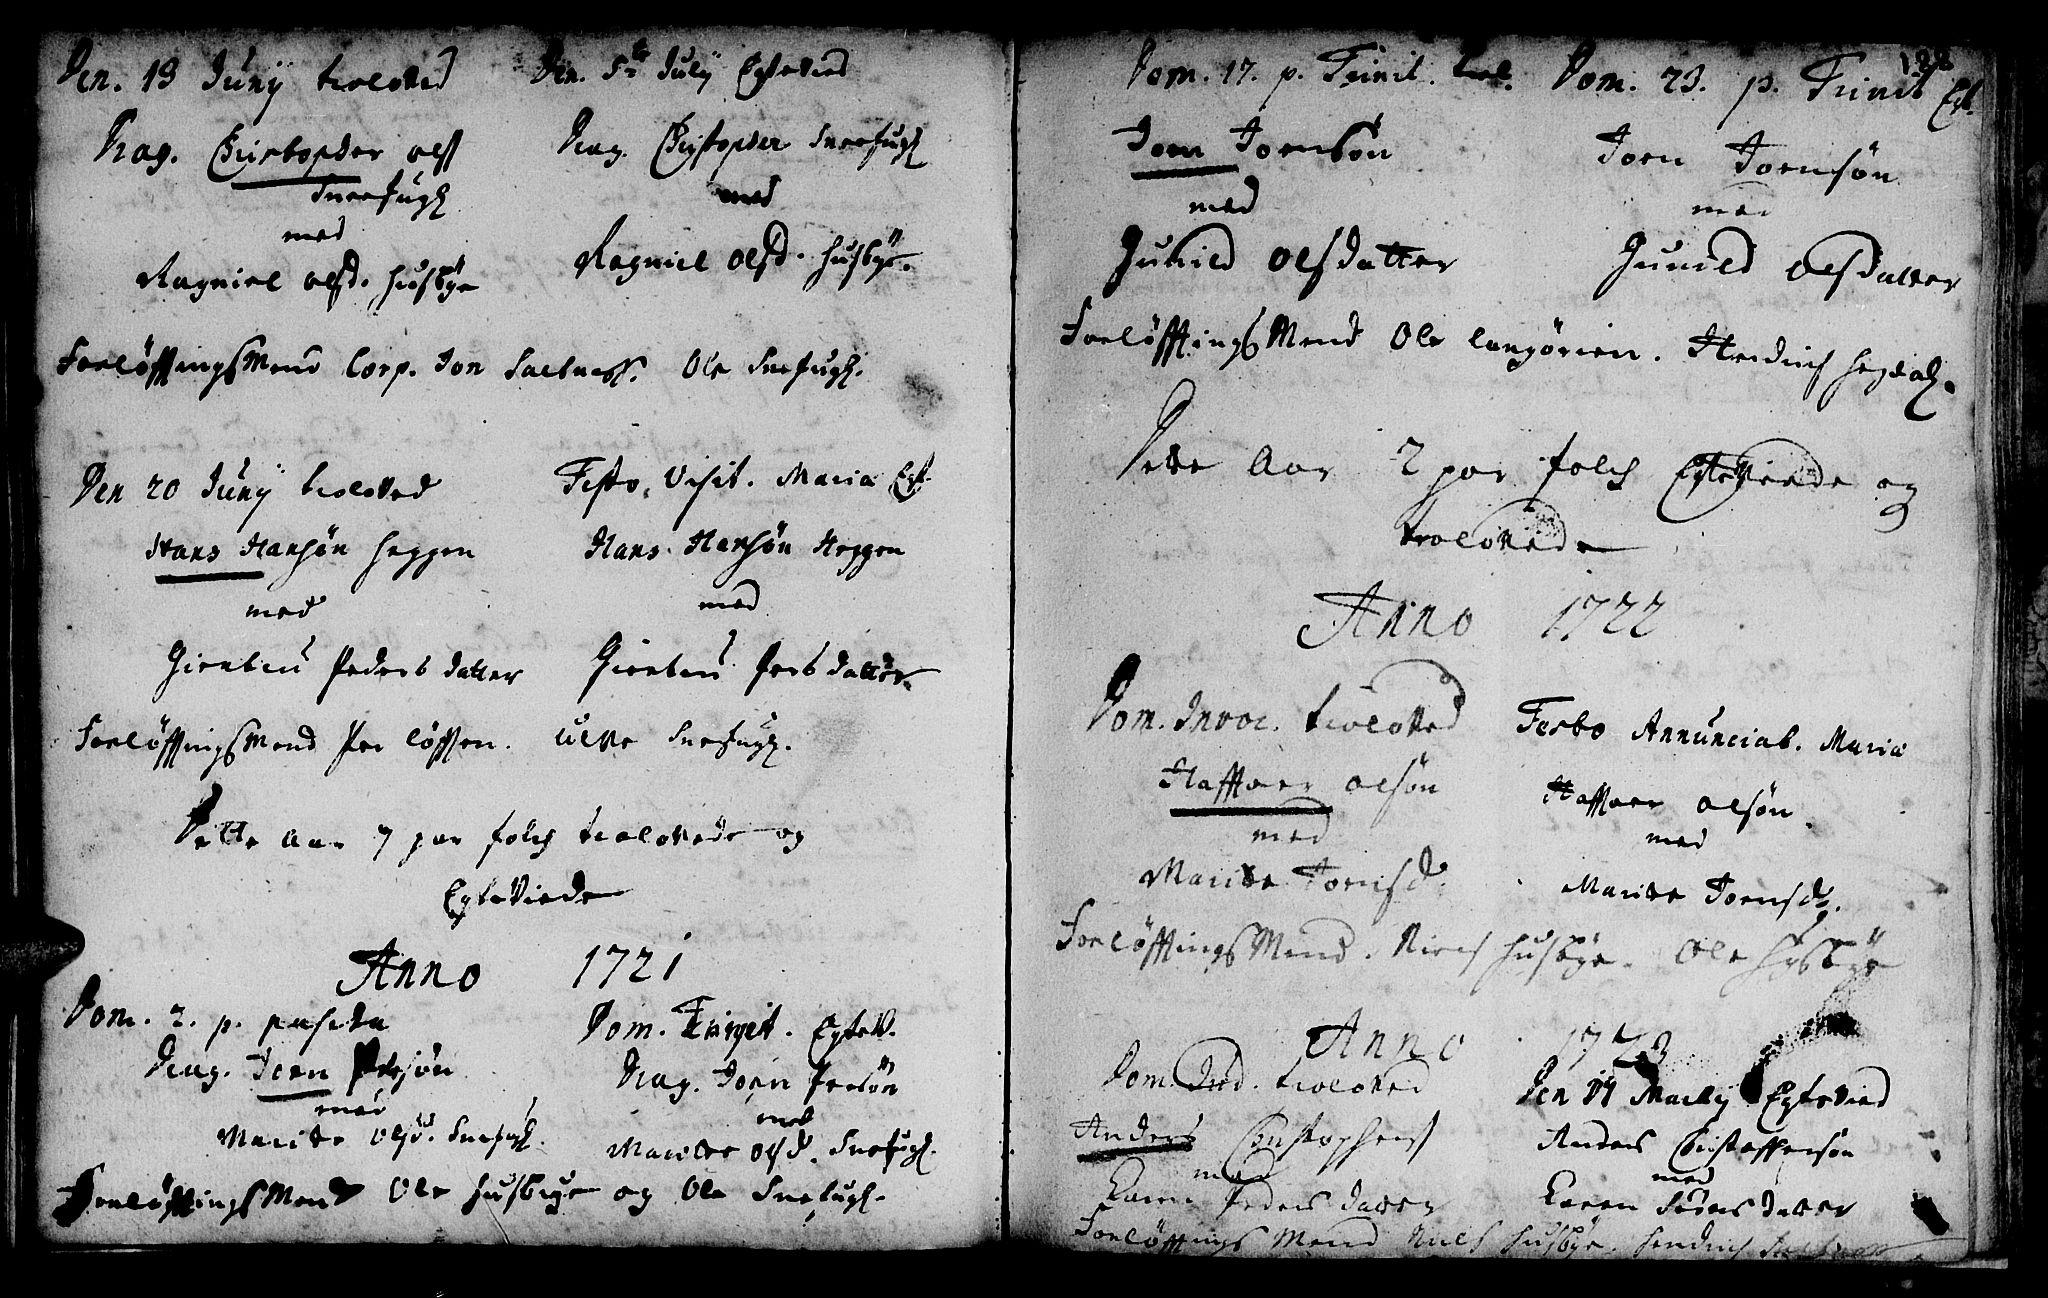 SAT, Ministerialprotokoller, klokkerbøker og fødselsregistre - Sør-Trøndelag, 666/L0783: Ministerialbok nr. 666A01, 1702-1753, s. 188